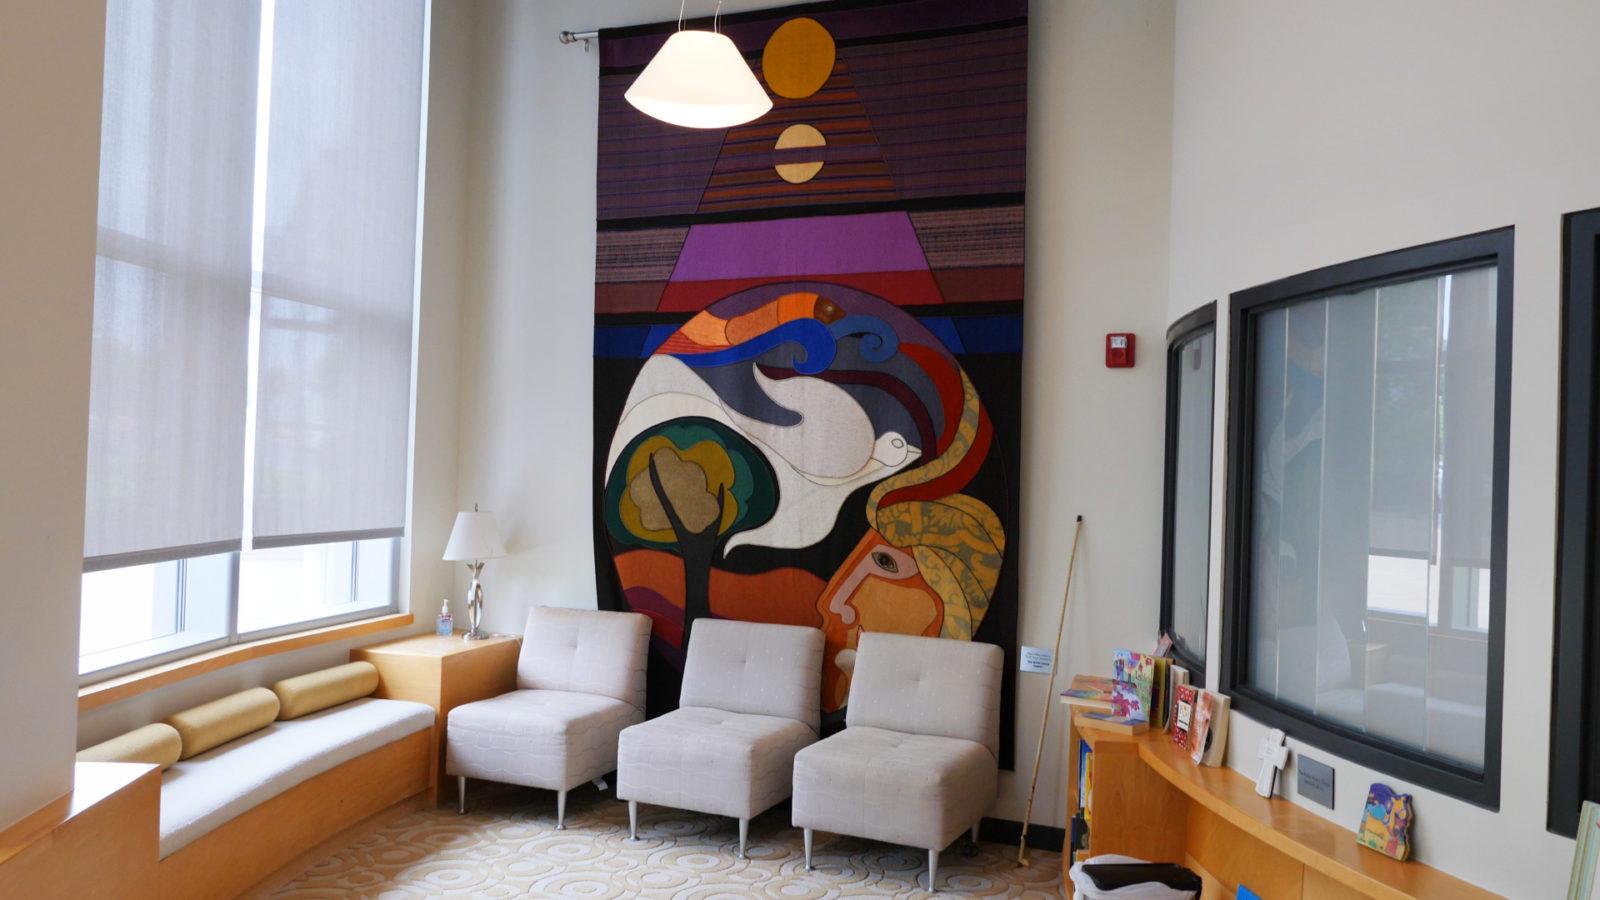 The Meditation Room at Ranken Jordan